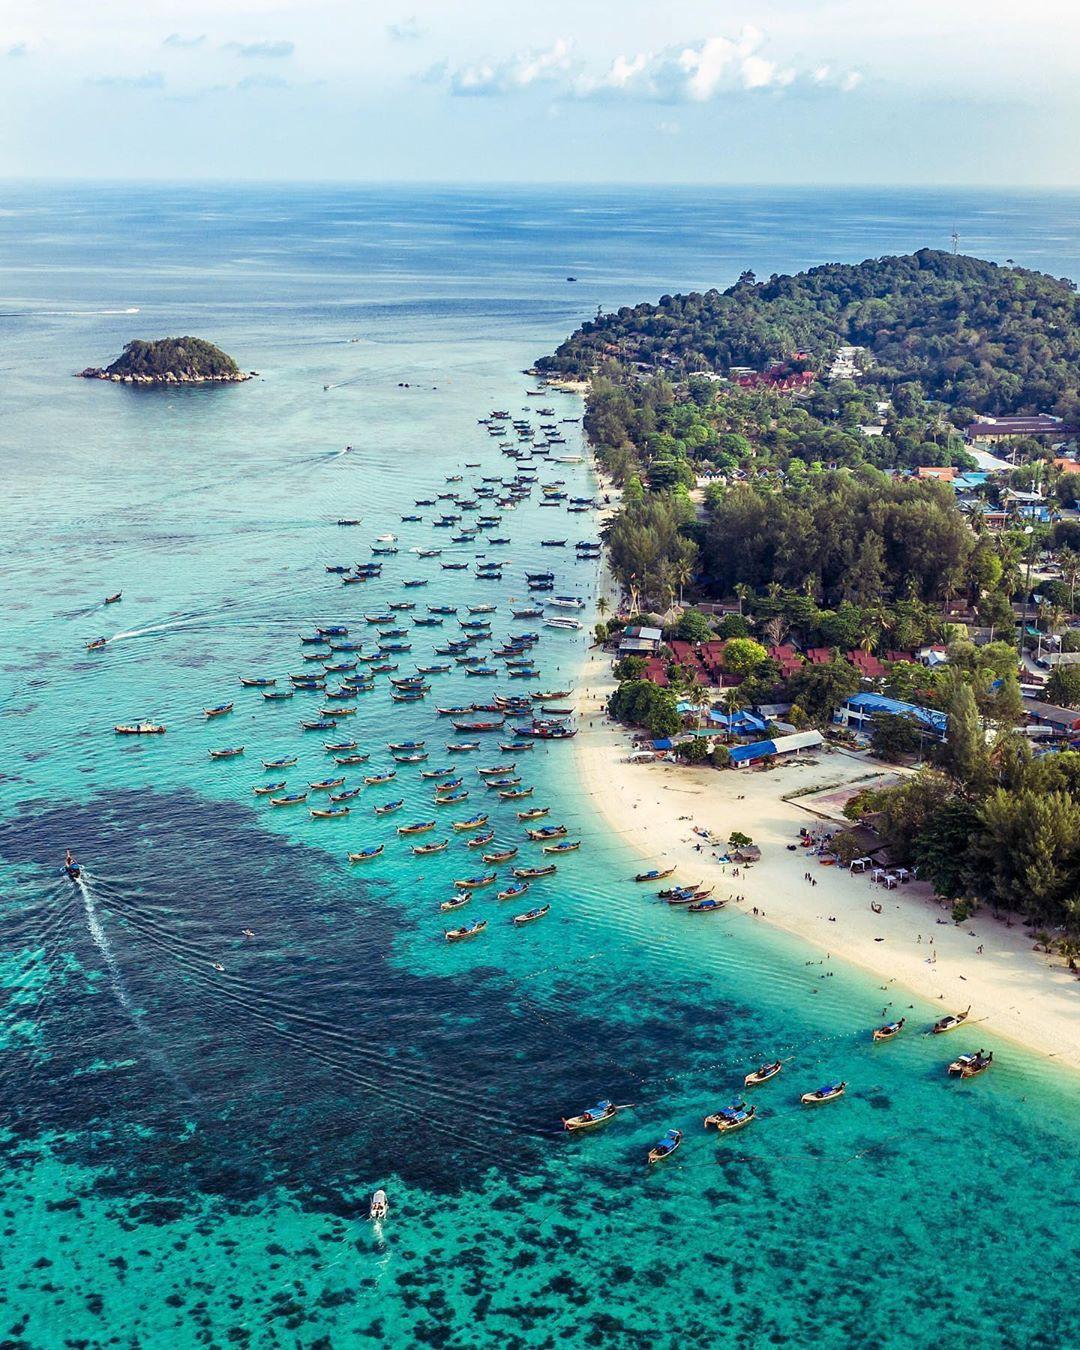 Khám phá những hòn đảo đẹp không lối về ở Thái Lan - Ảnh 9.